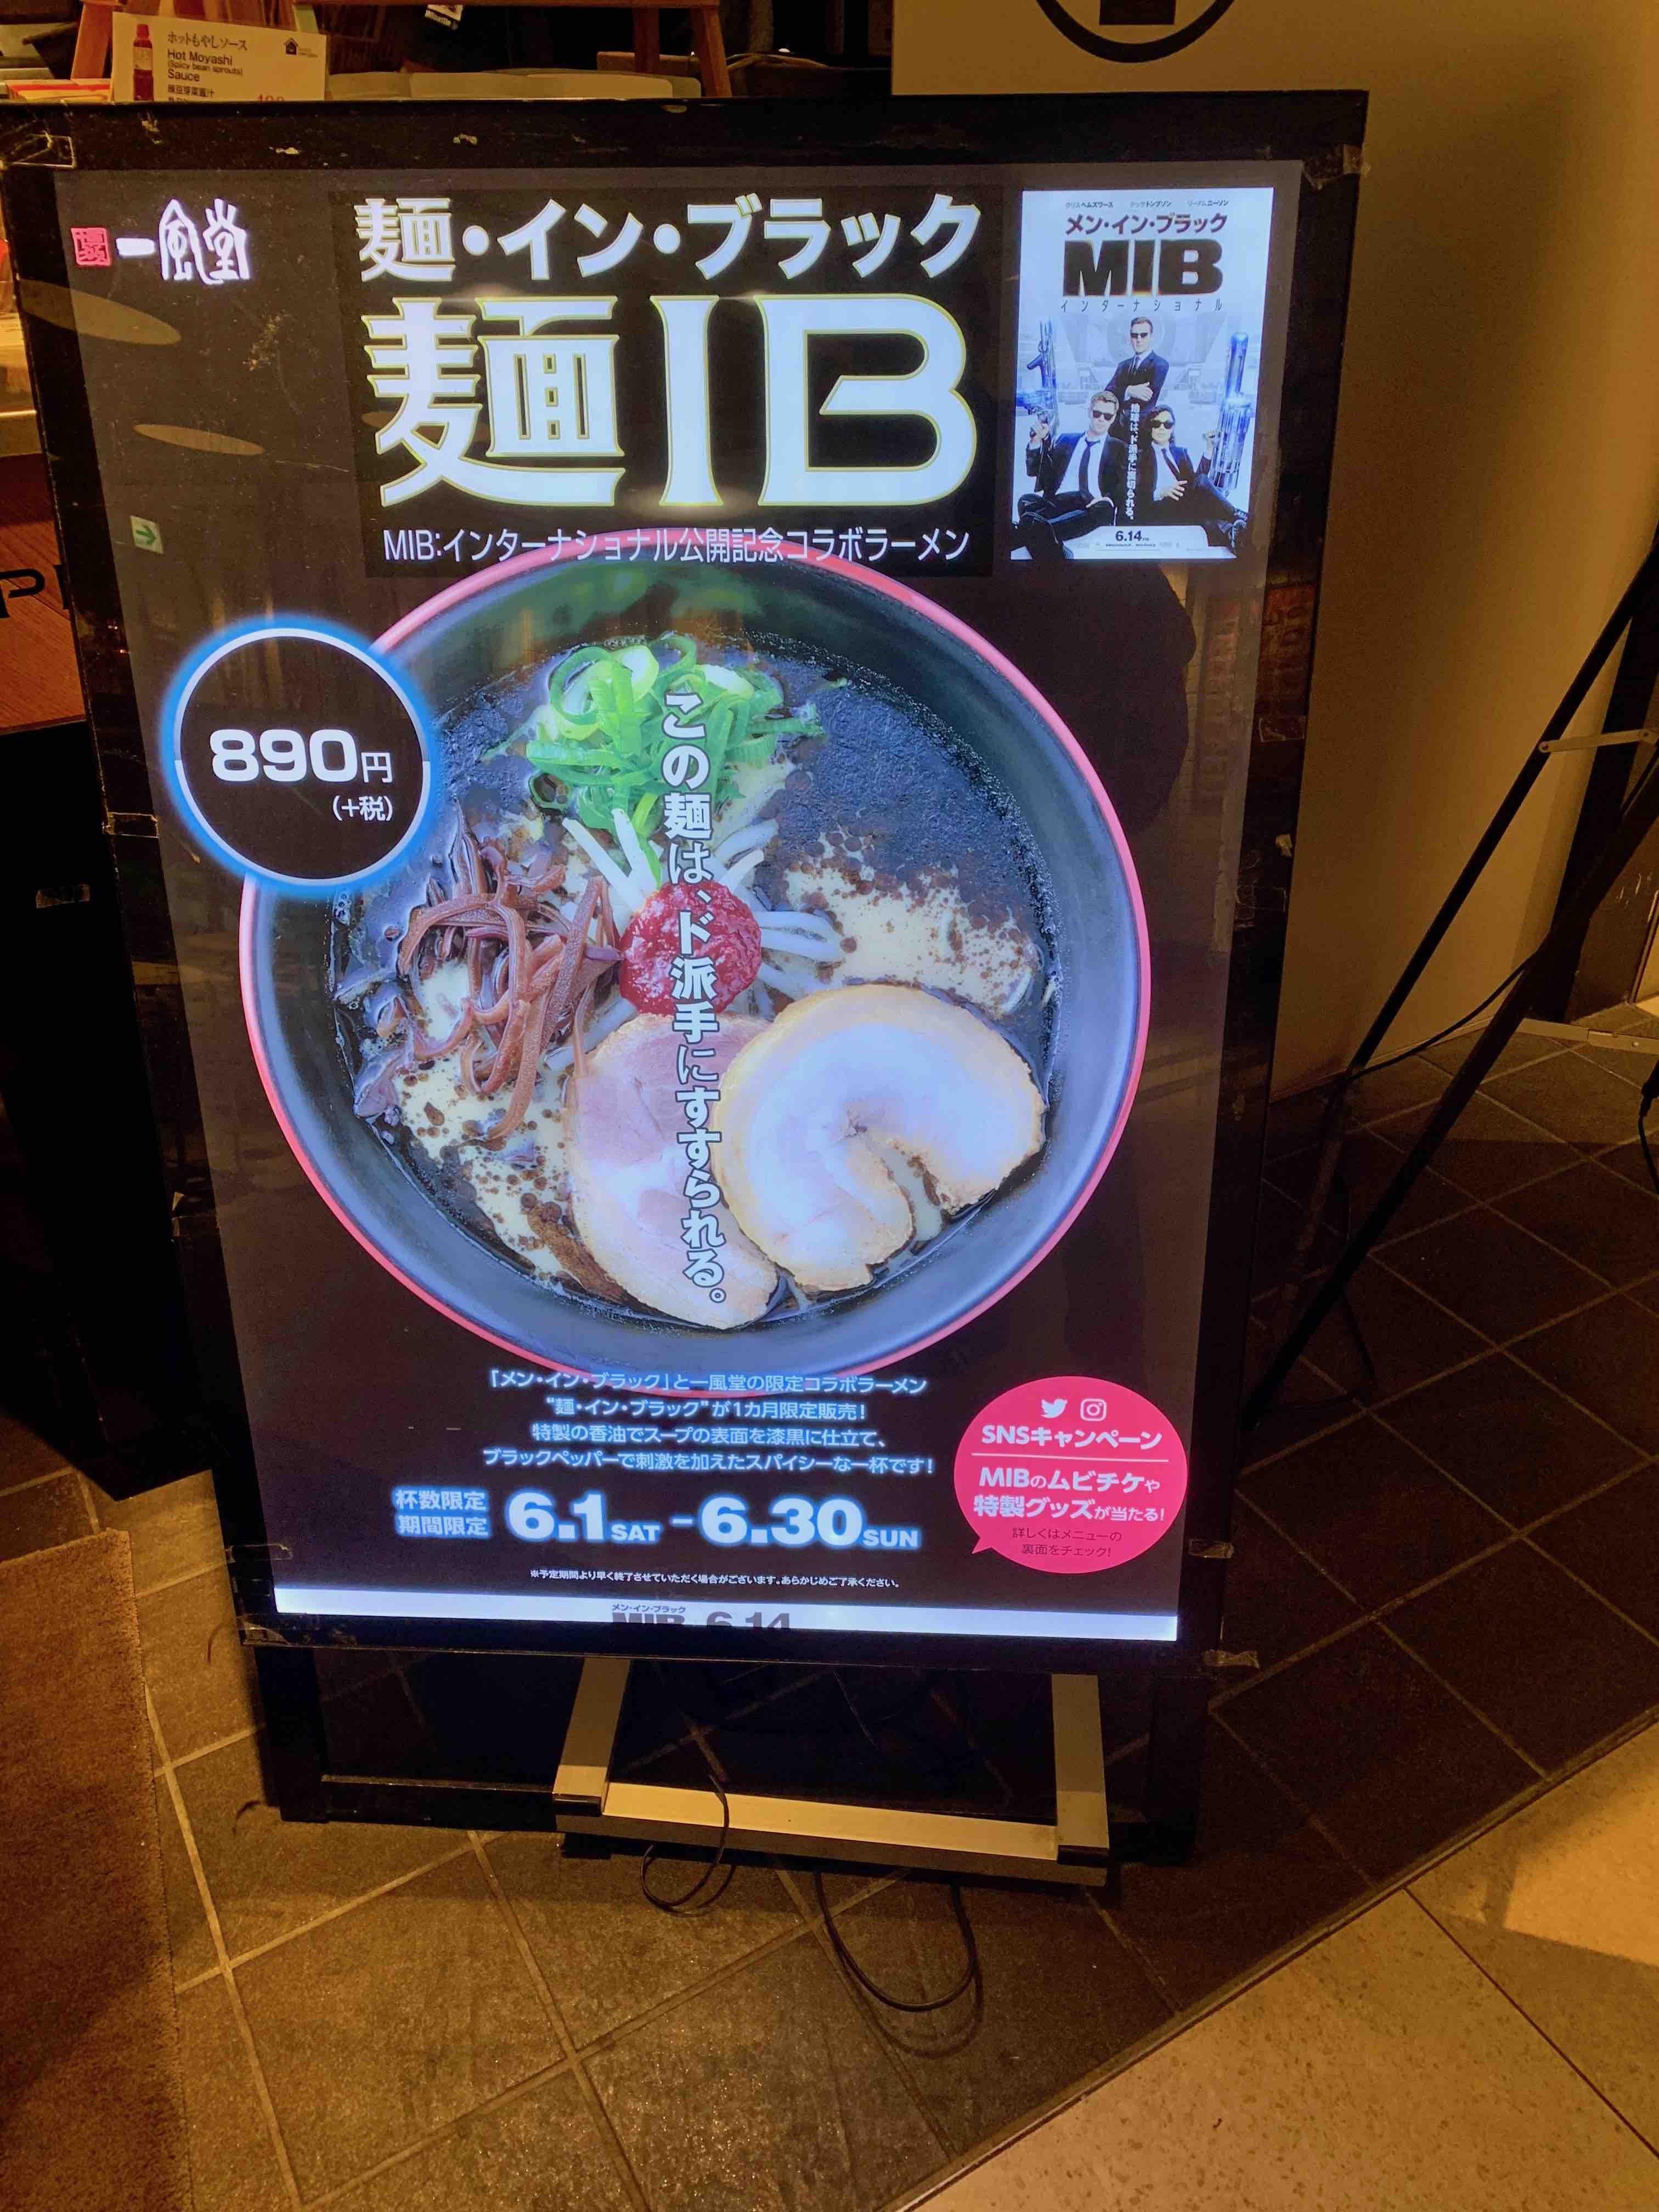 一風堂 ルミネエスト新宿店@新宿/新宿区 | ラーメンと鉄道の旅